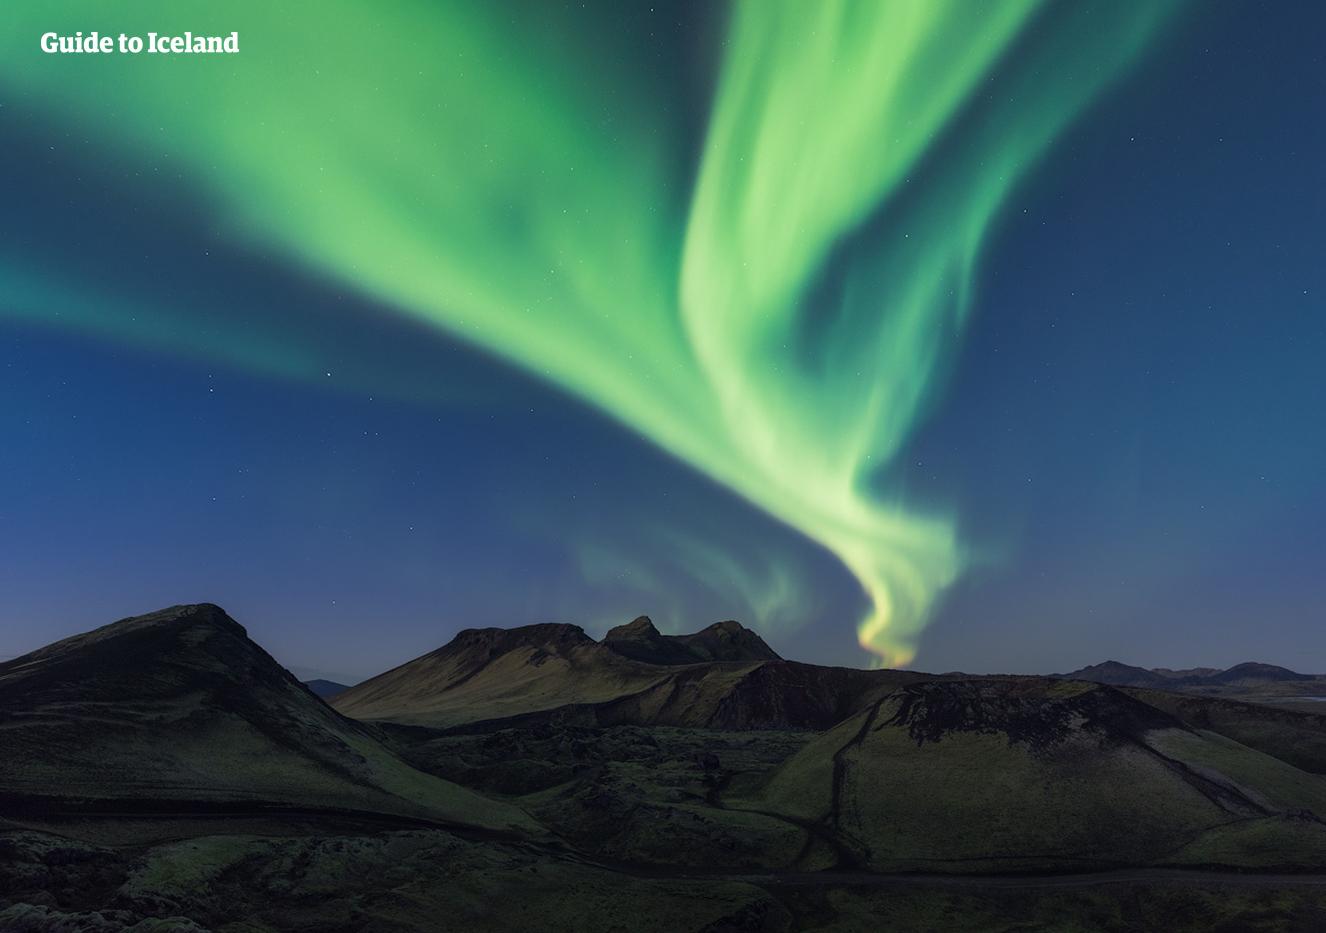 Séjour hiver de 6 jours en Islande | De Reykjavik à la grotte de glace - day 1